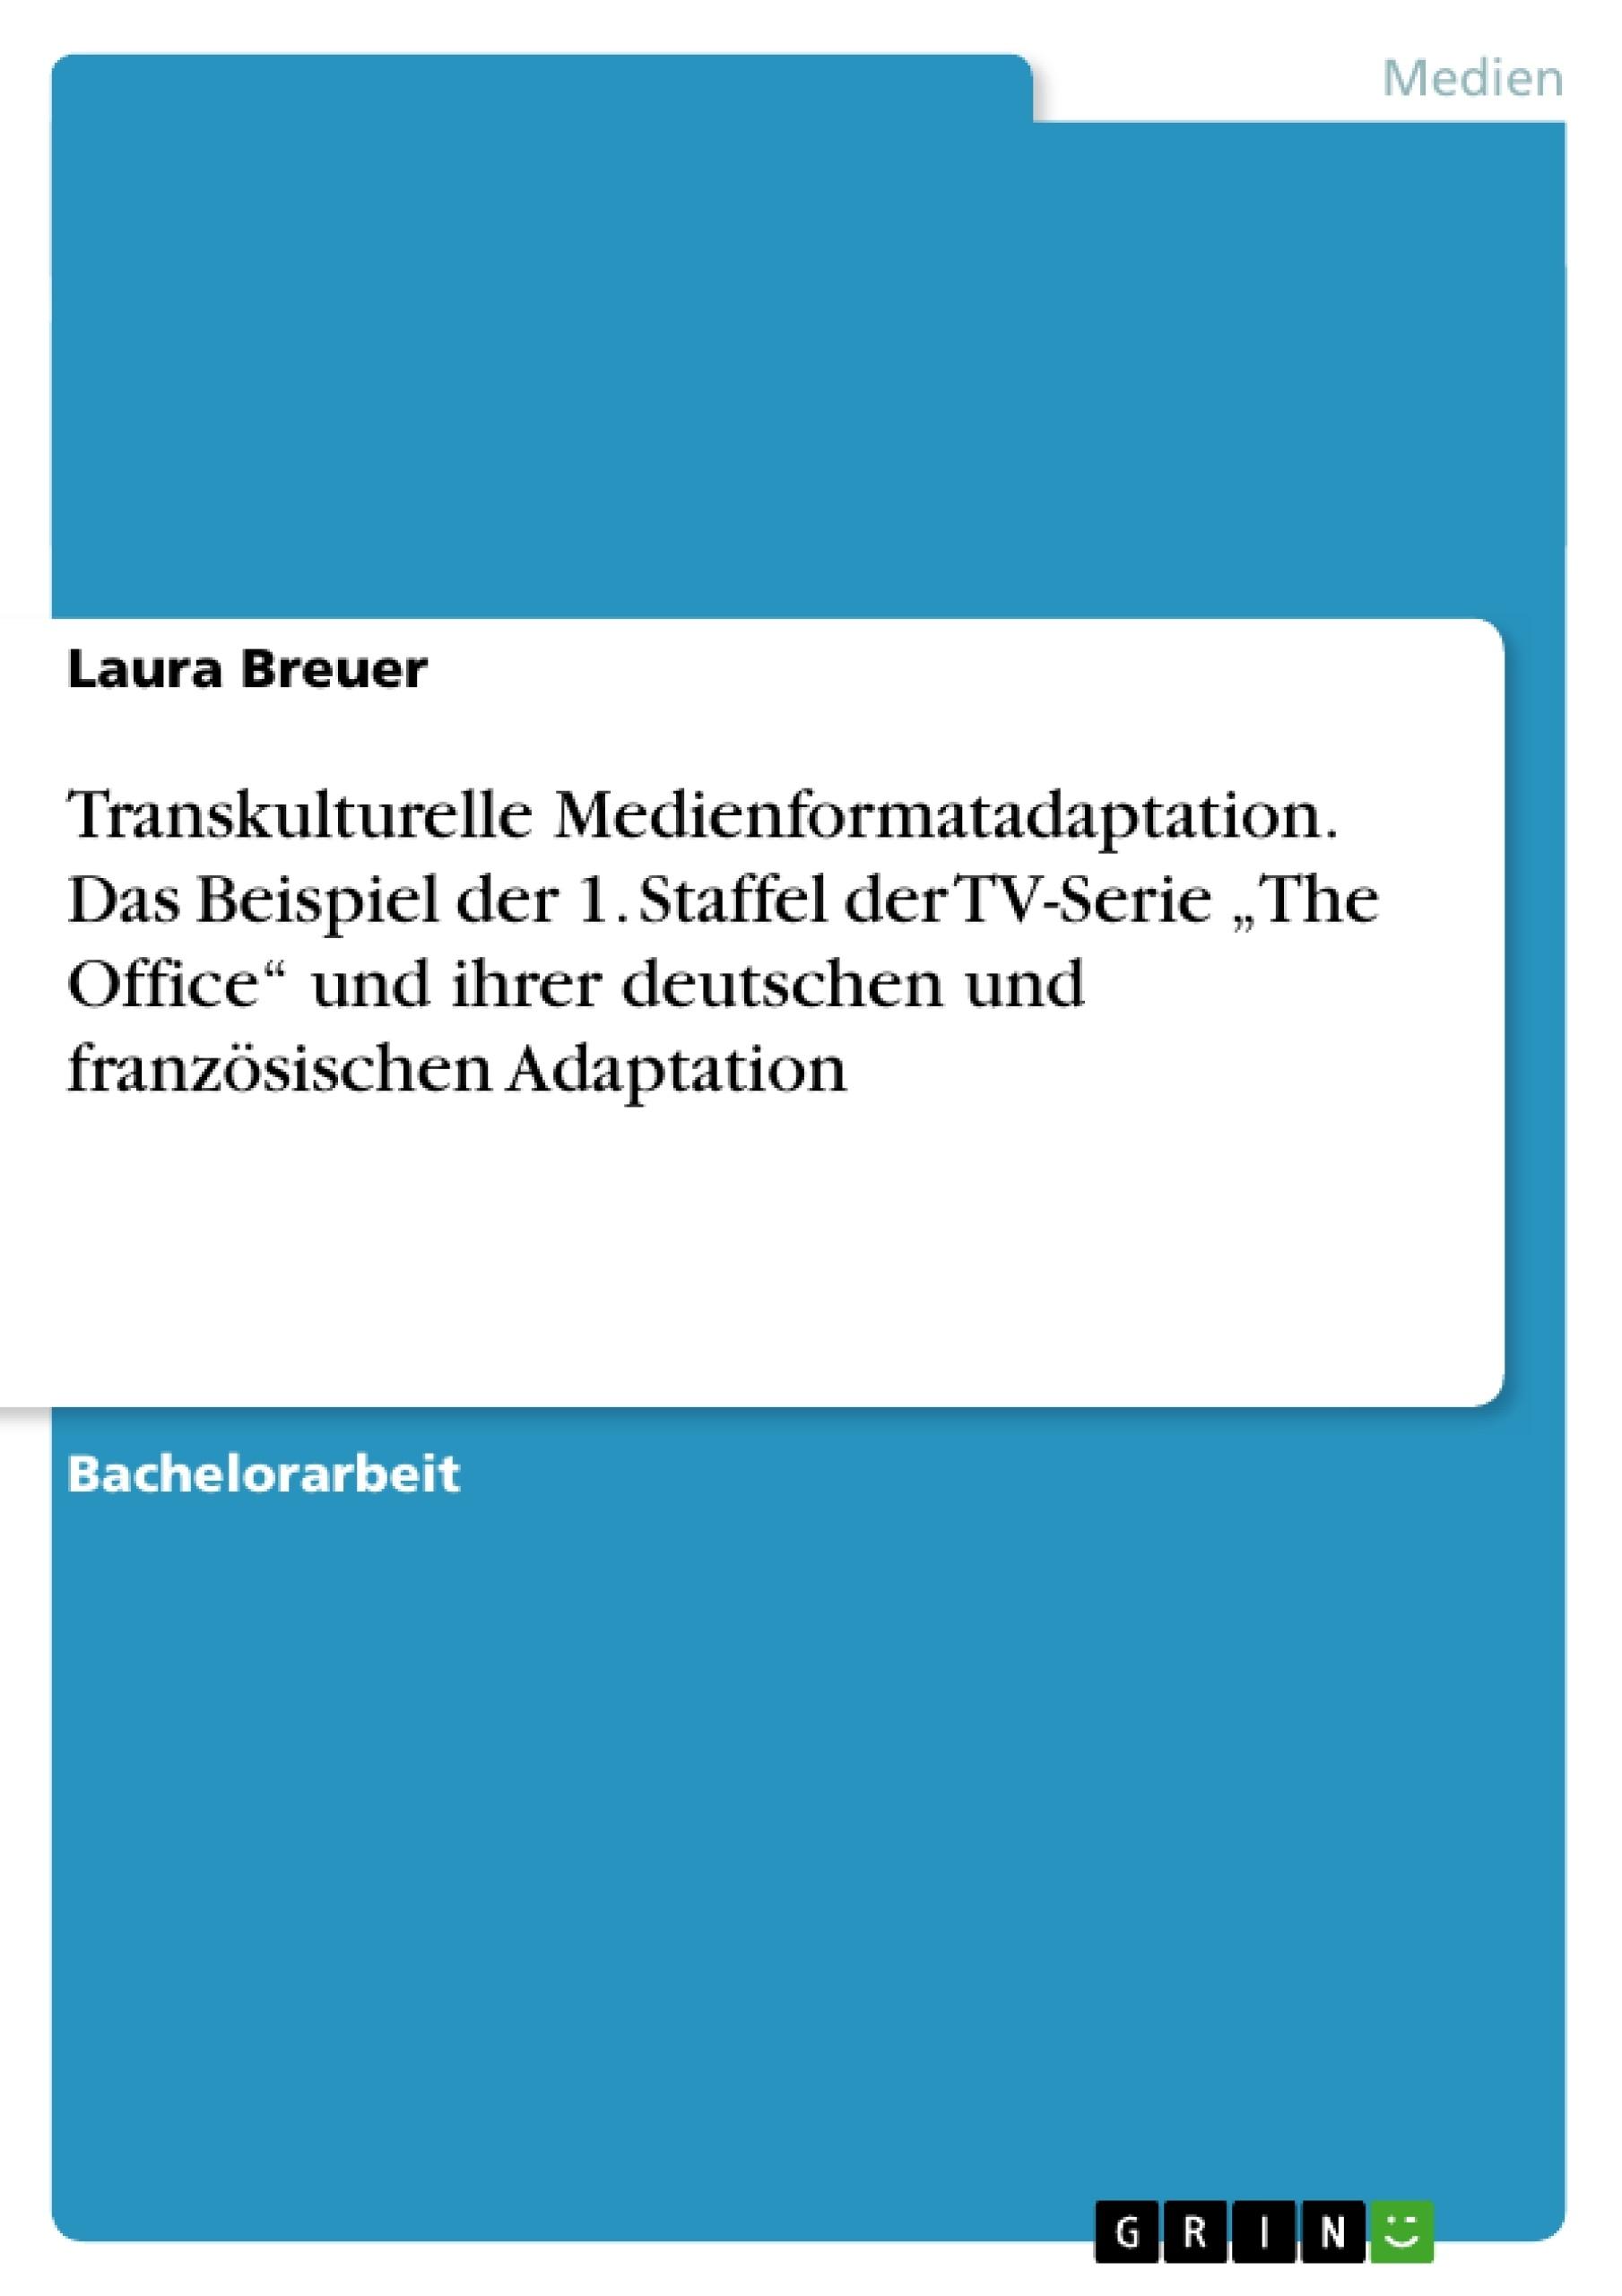 """Titel: Transkulturelle Medienformatadaptation. Das Beispiel der 1. Staffel der TV-Serie """"The Office"""" und ihrer deutschen und französischen Adaptation"""